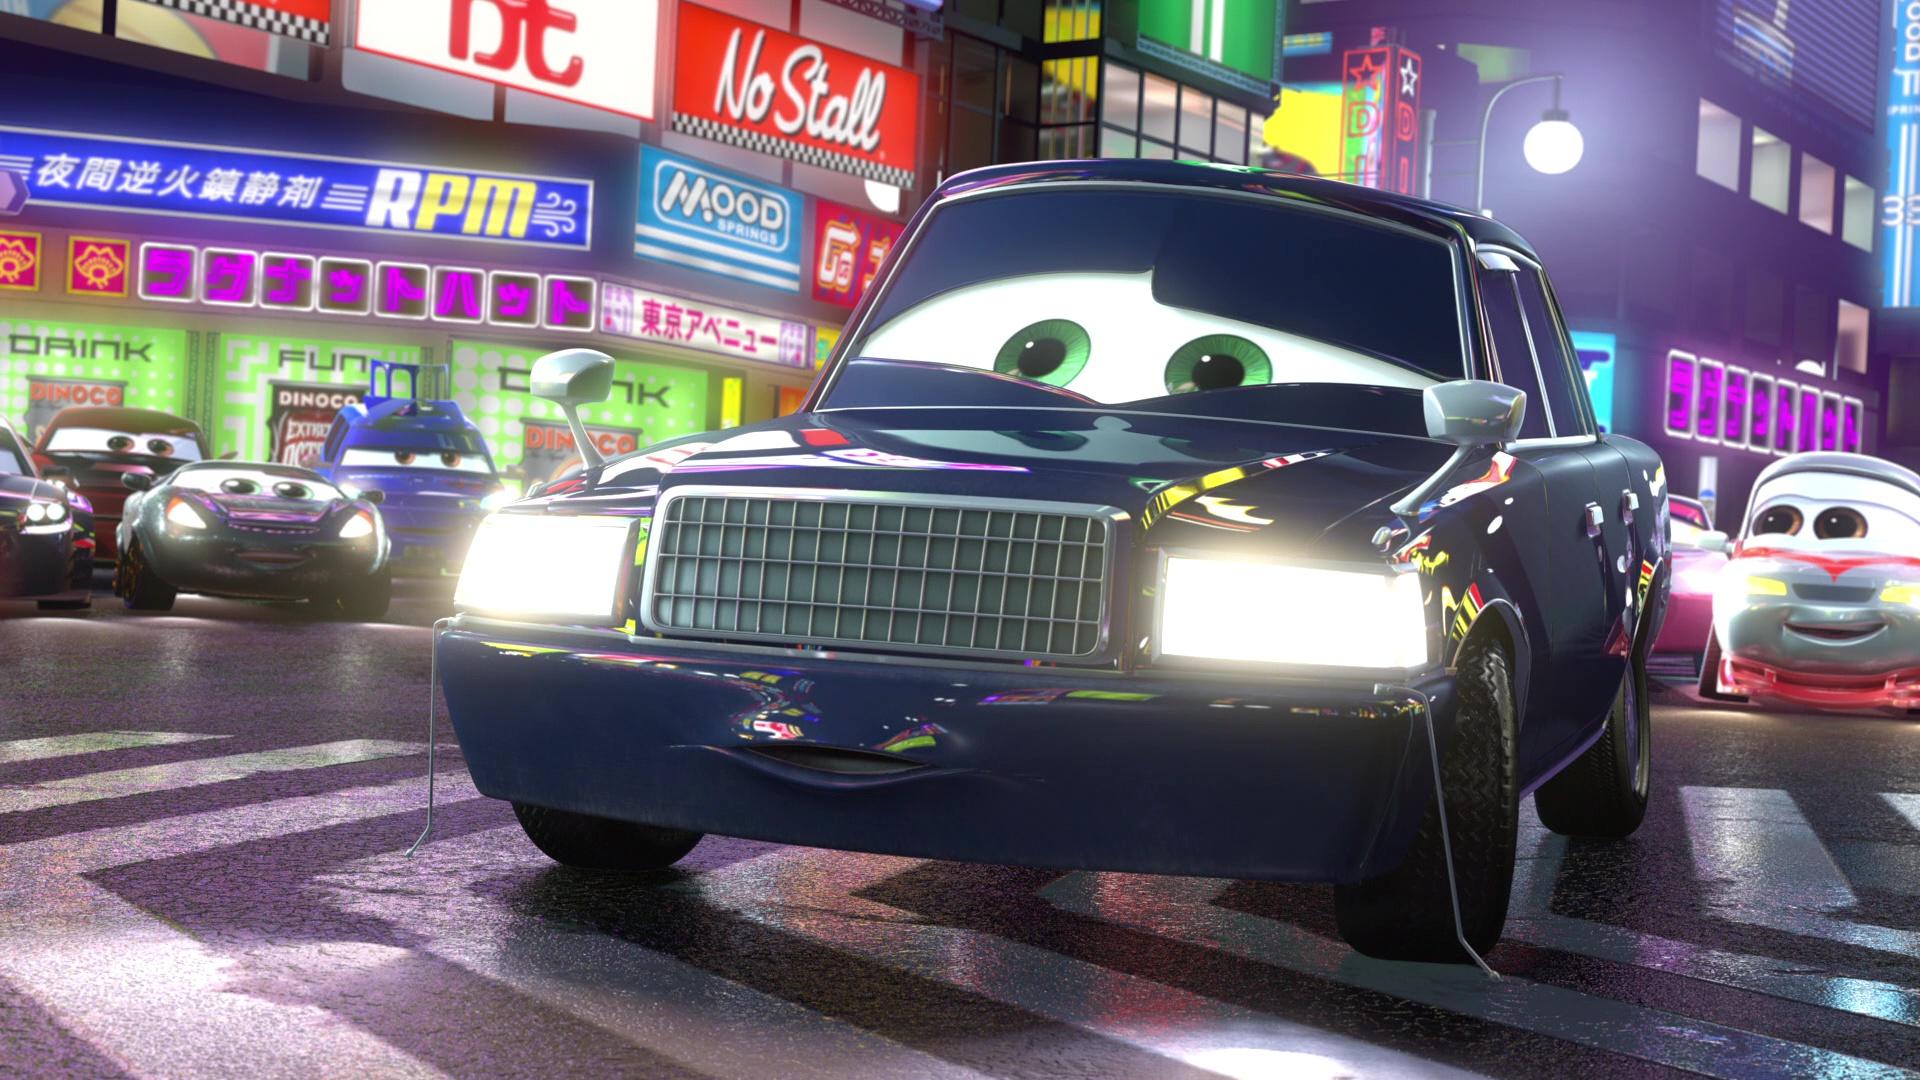 ito-san-cars-toon-tokyo-martin-03